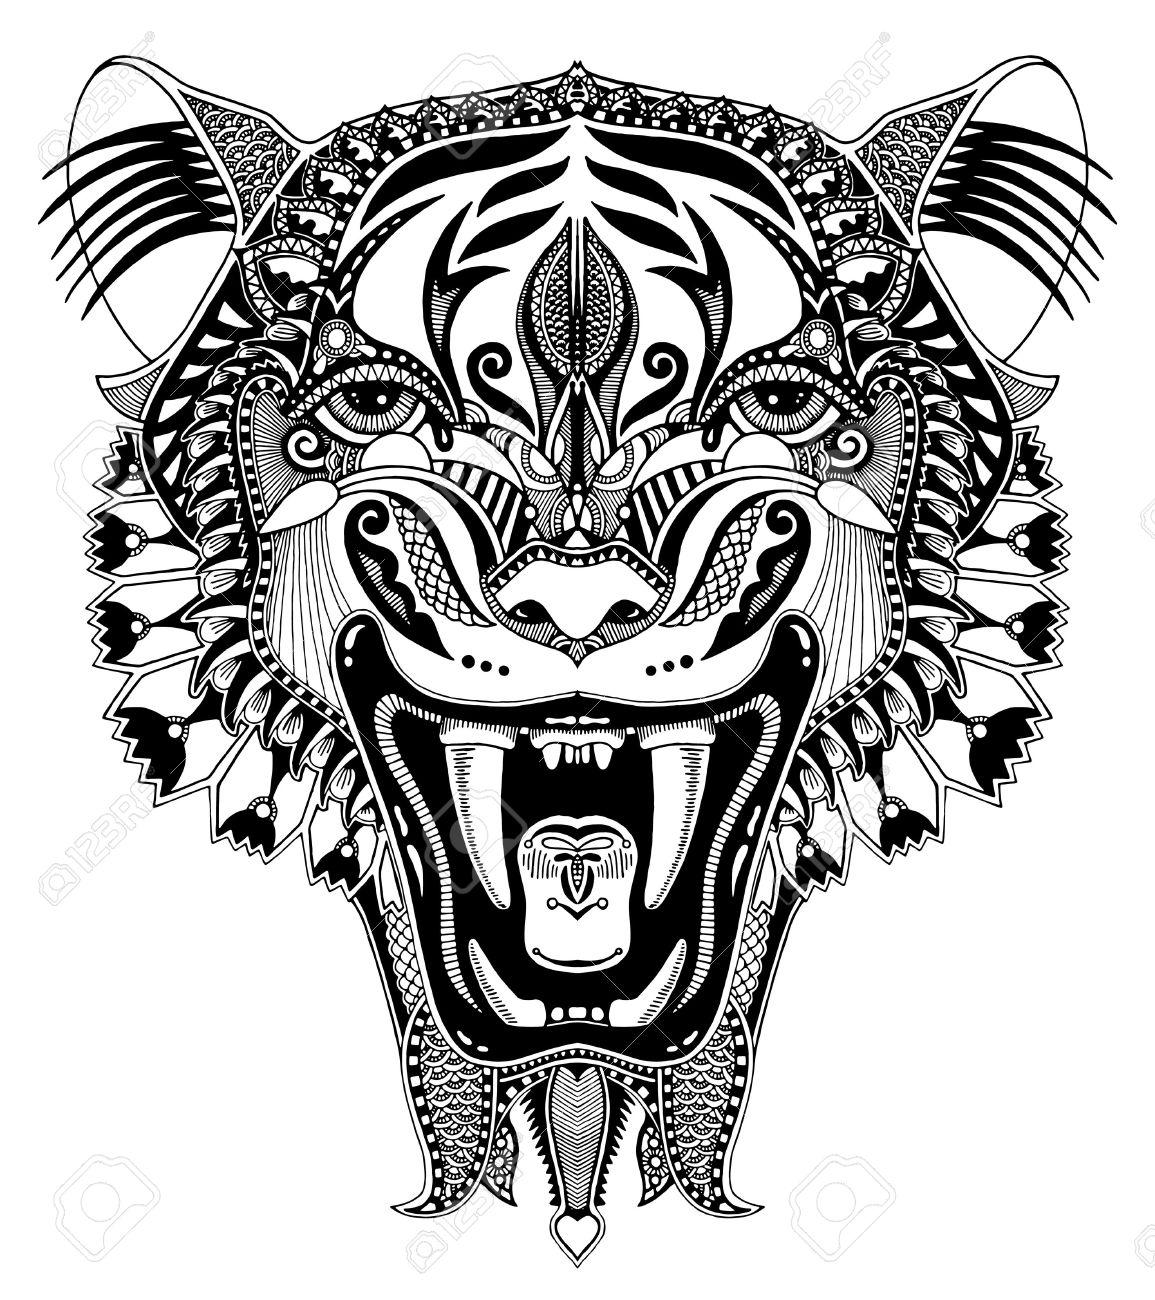 Original En Noir Et Blanc Tête De Dessin Avec La Chute Ouvert Tigre